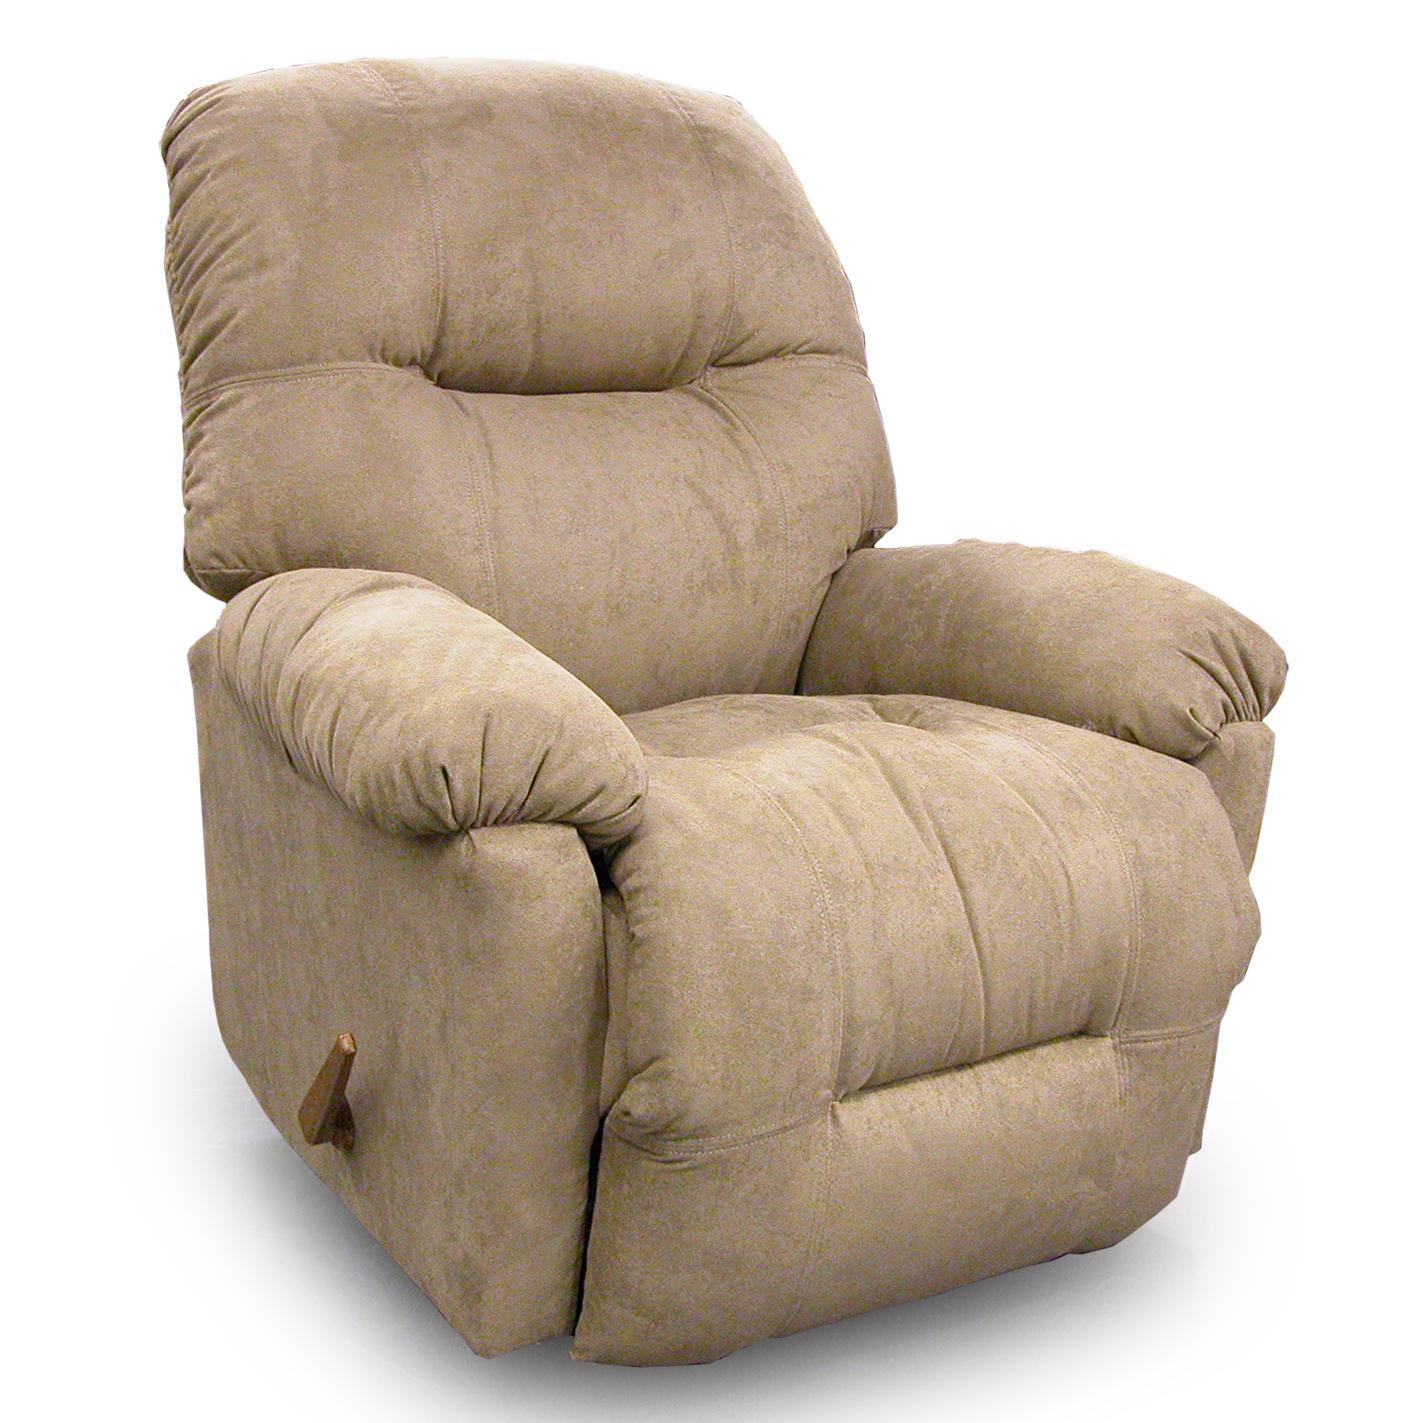 rocker and recliner chair swivel wood base best home furnishings petite recliners 9mw17 1 wynette rocking reclinerswynette